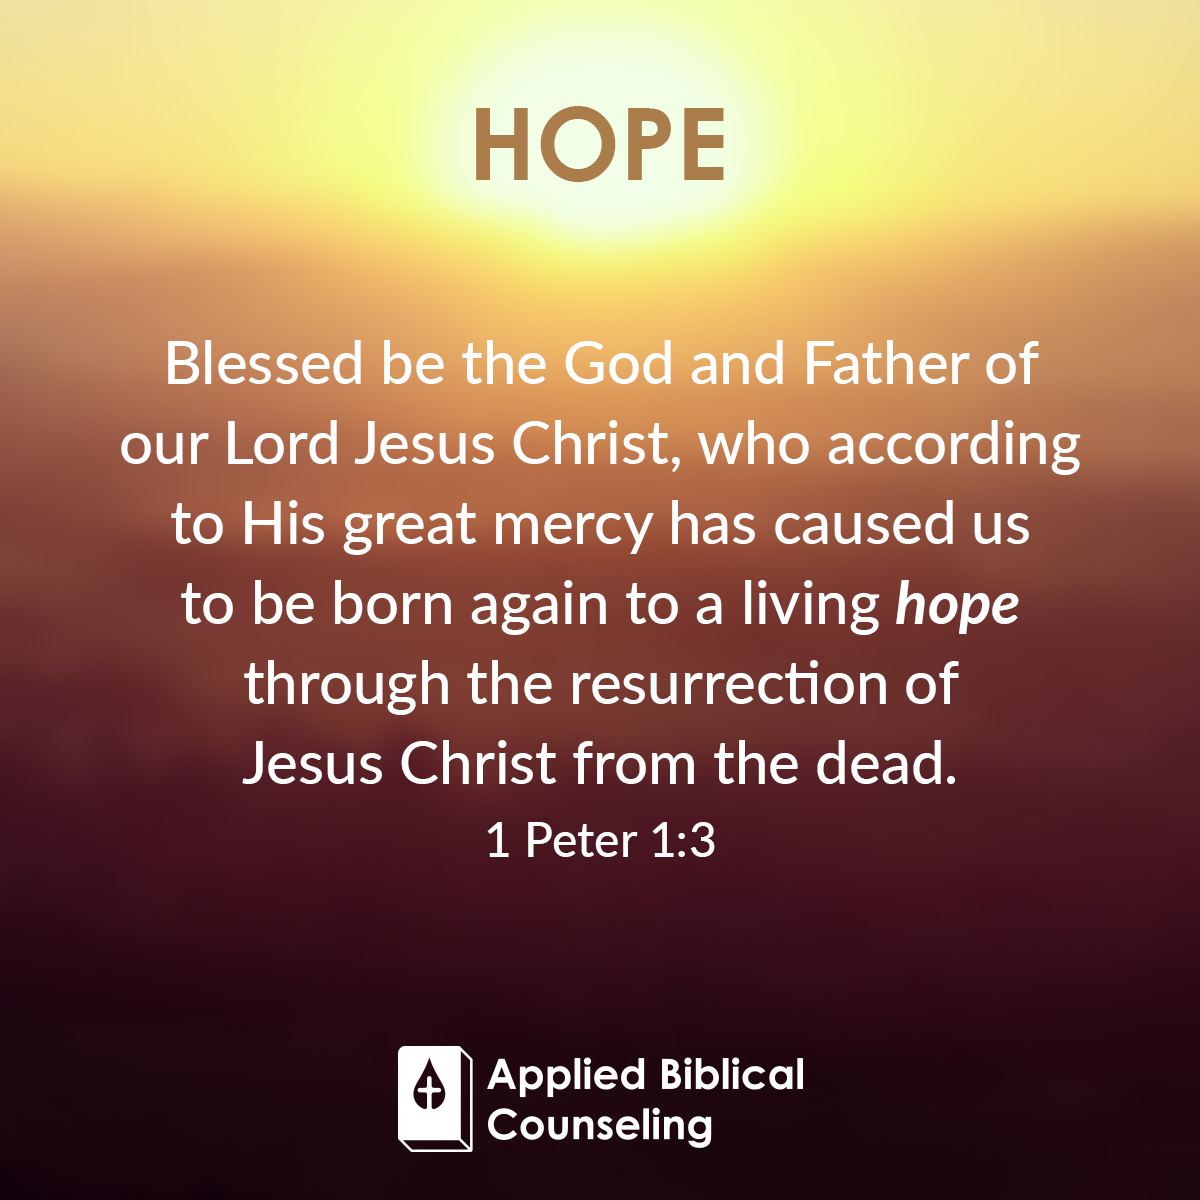 ABC_Facebook-w7-hope-1